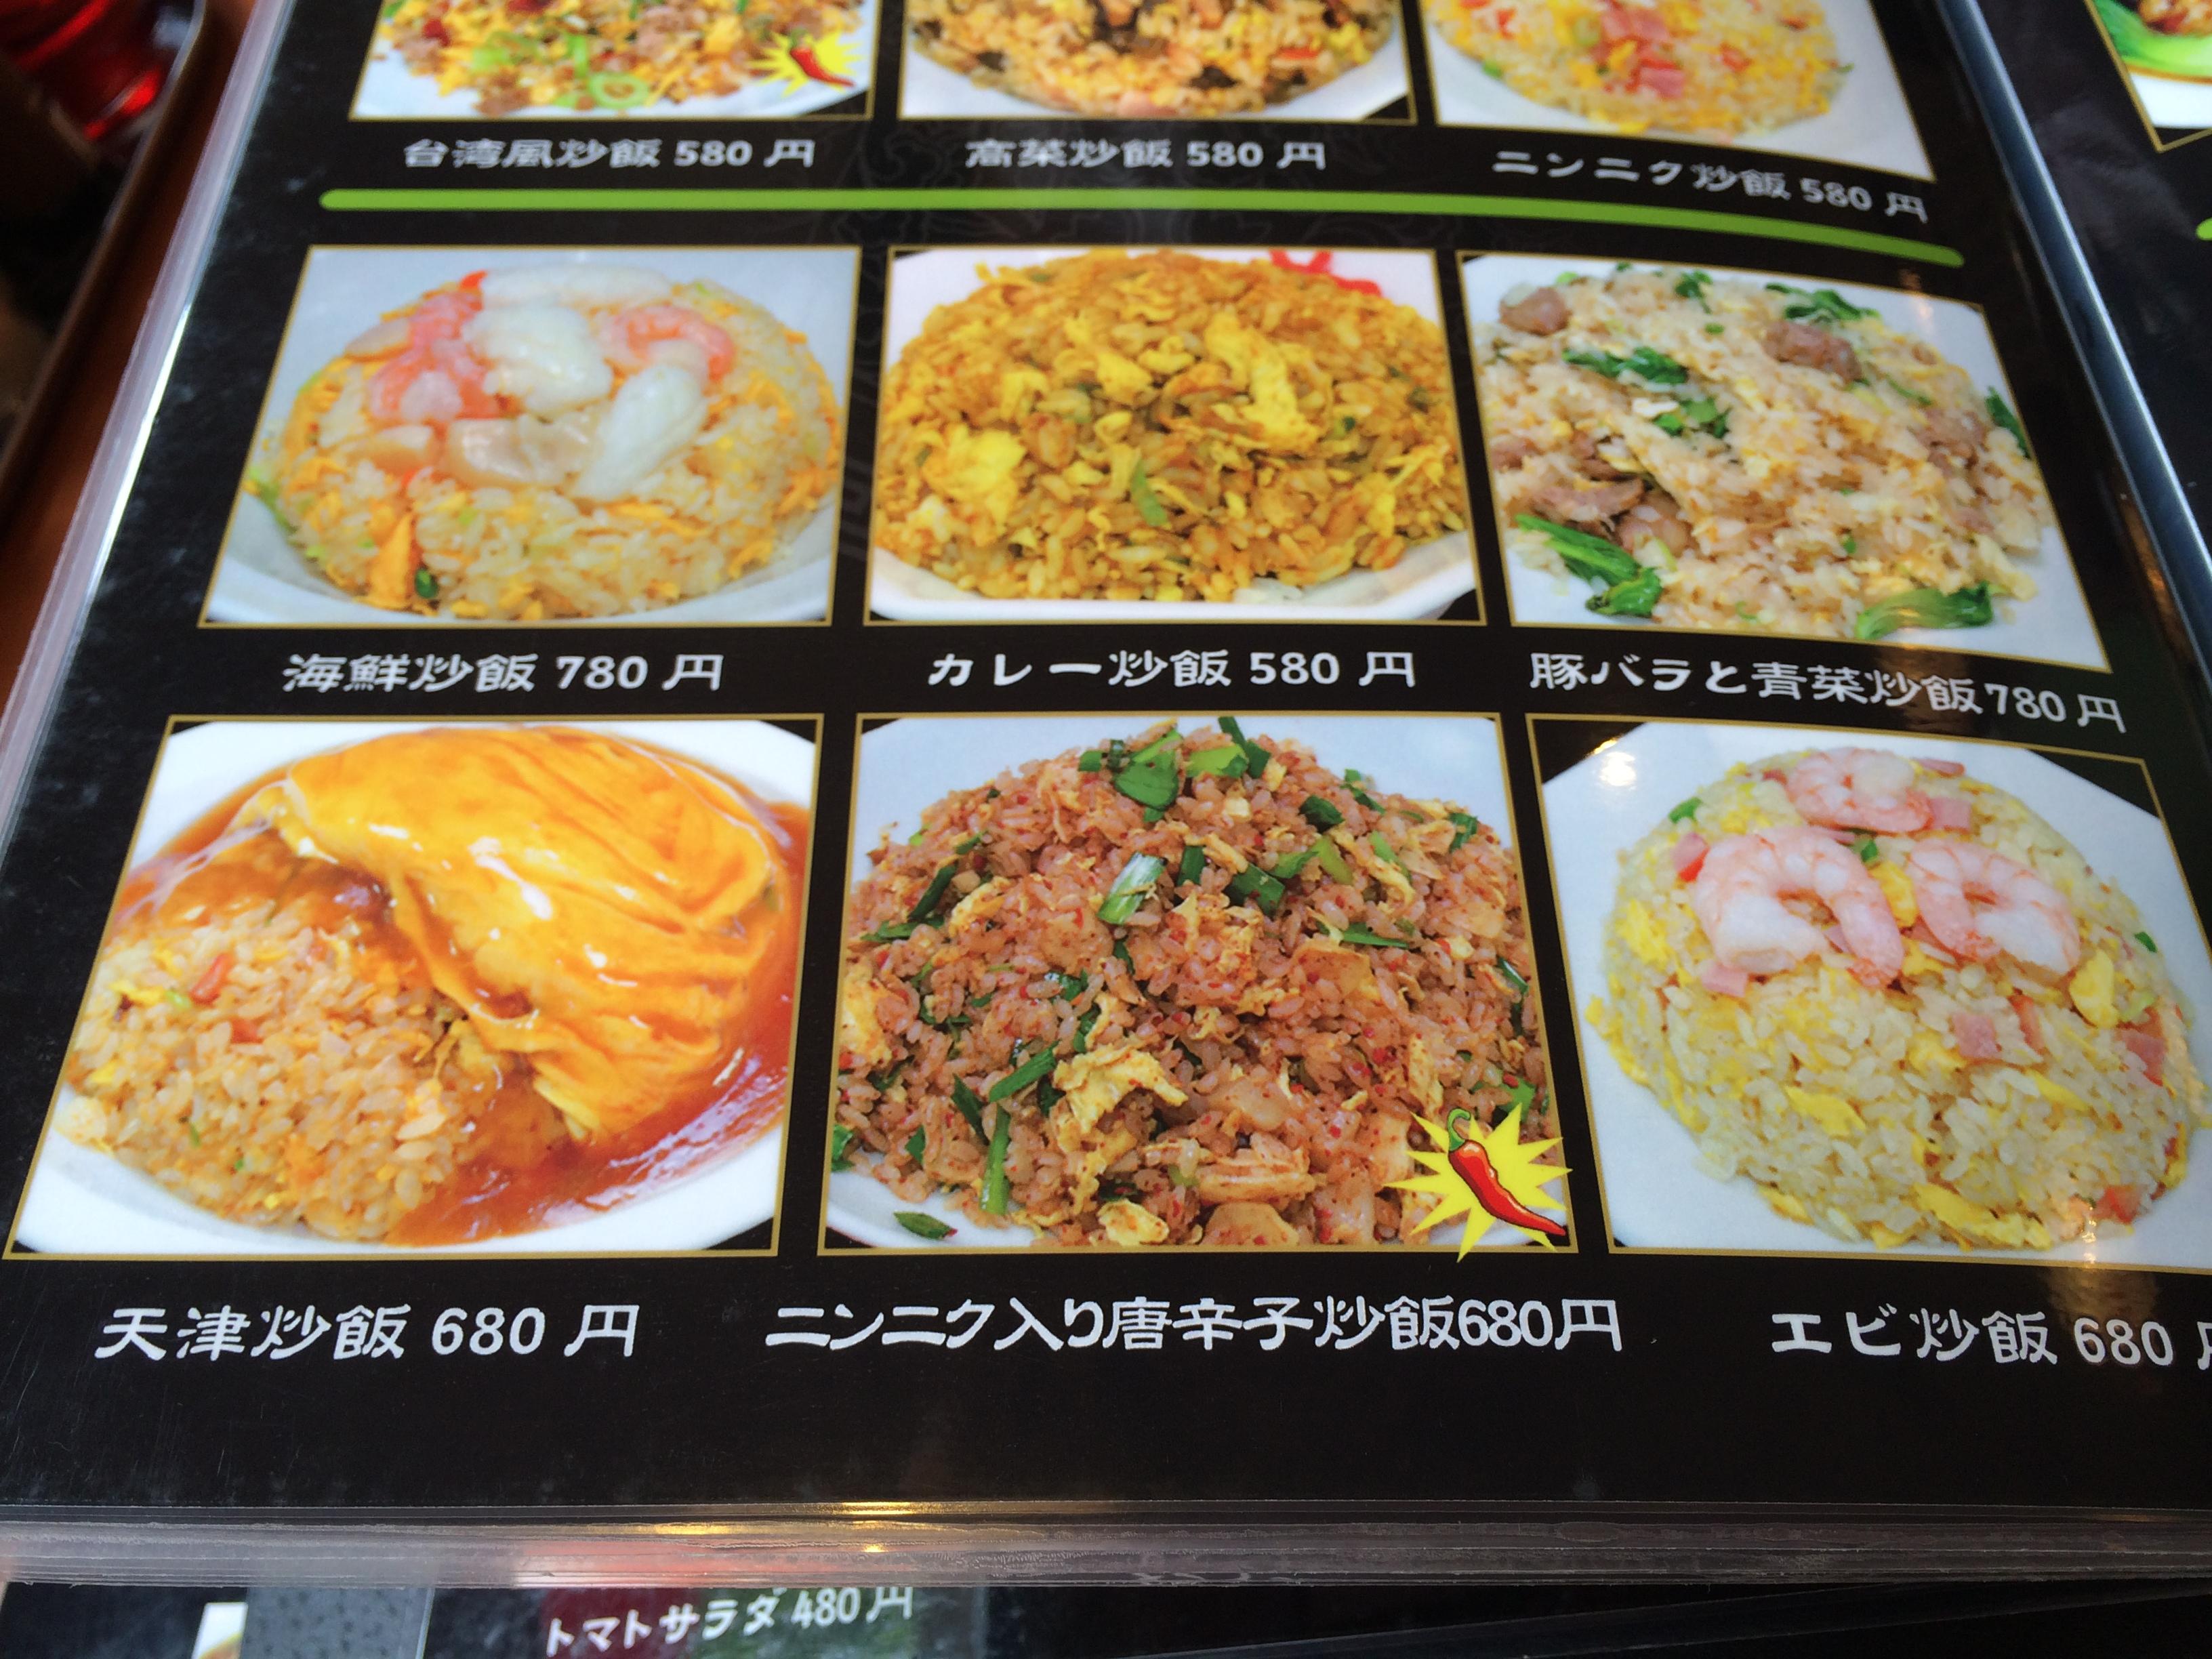 チャーハンが12種類も!?新潟市西区・台湾料理が食べられるお店 「吉祥楼」に行ってきた